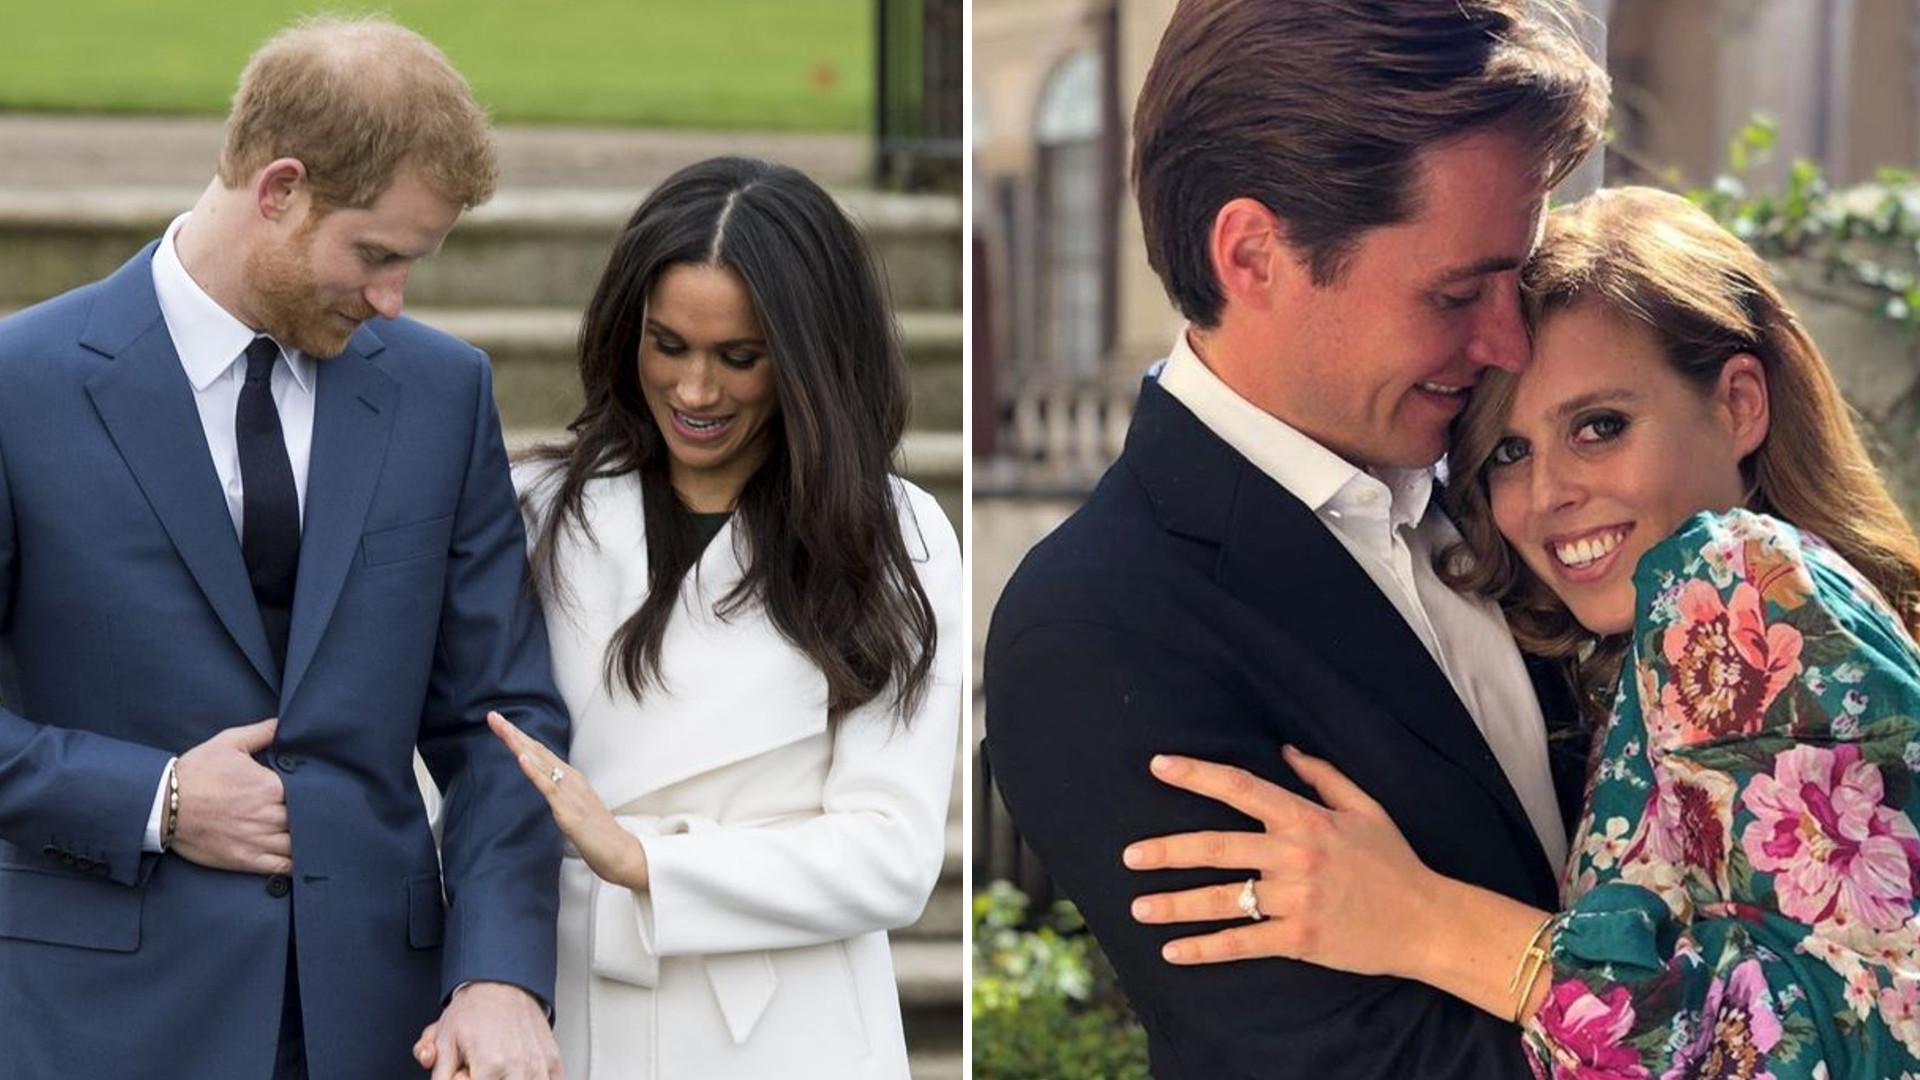 Pierścionek zaręczynowy księżniczki Beatrice jest dwa razy droższy niż ten, który dostała Meghan od Harry'ego